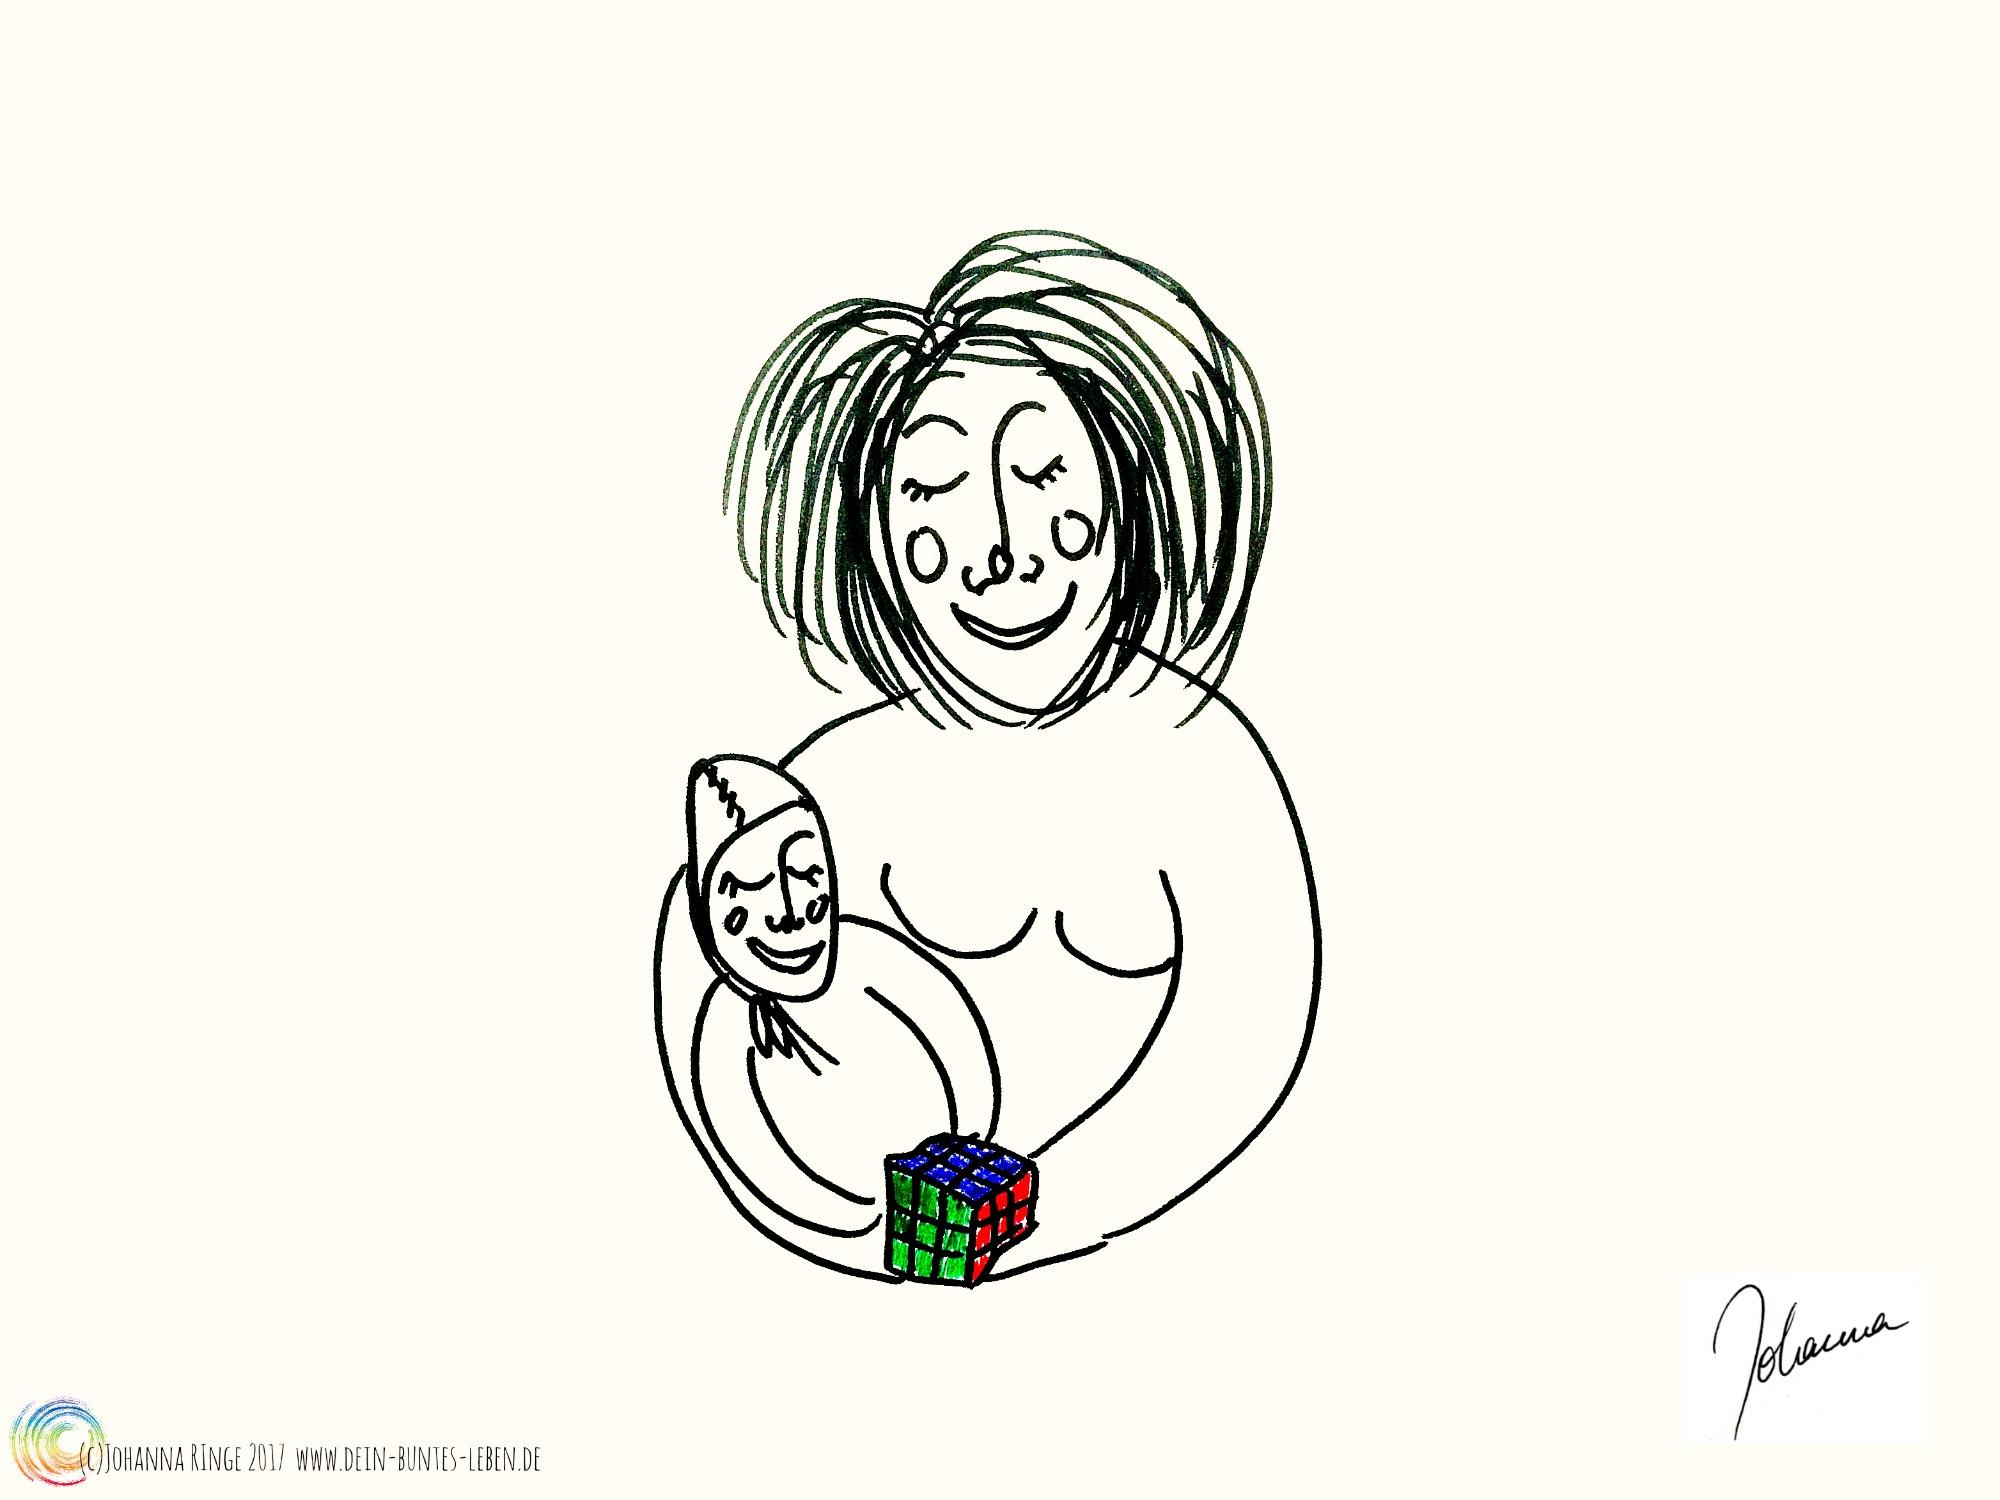 Zeichnung von Mutter und Kind mit Zauberwürfel : Vom Selbstbild der Mutter hochbegabter Kinder, (c)Johanna Ringe 2017 www.dein-buntes-leben.de